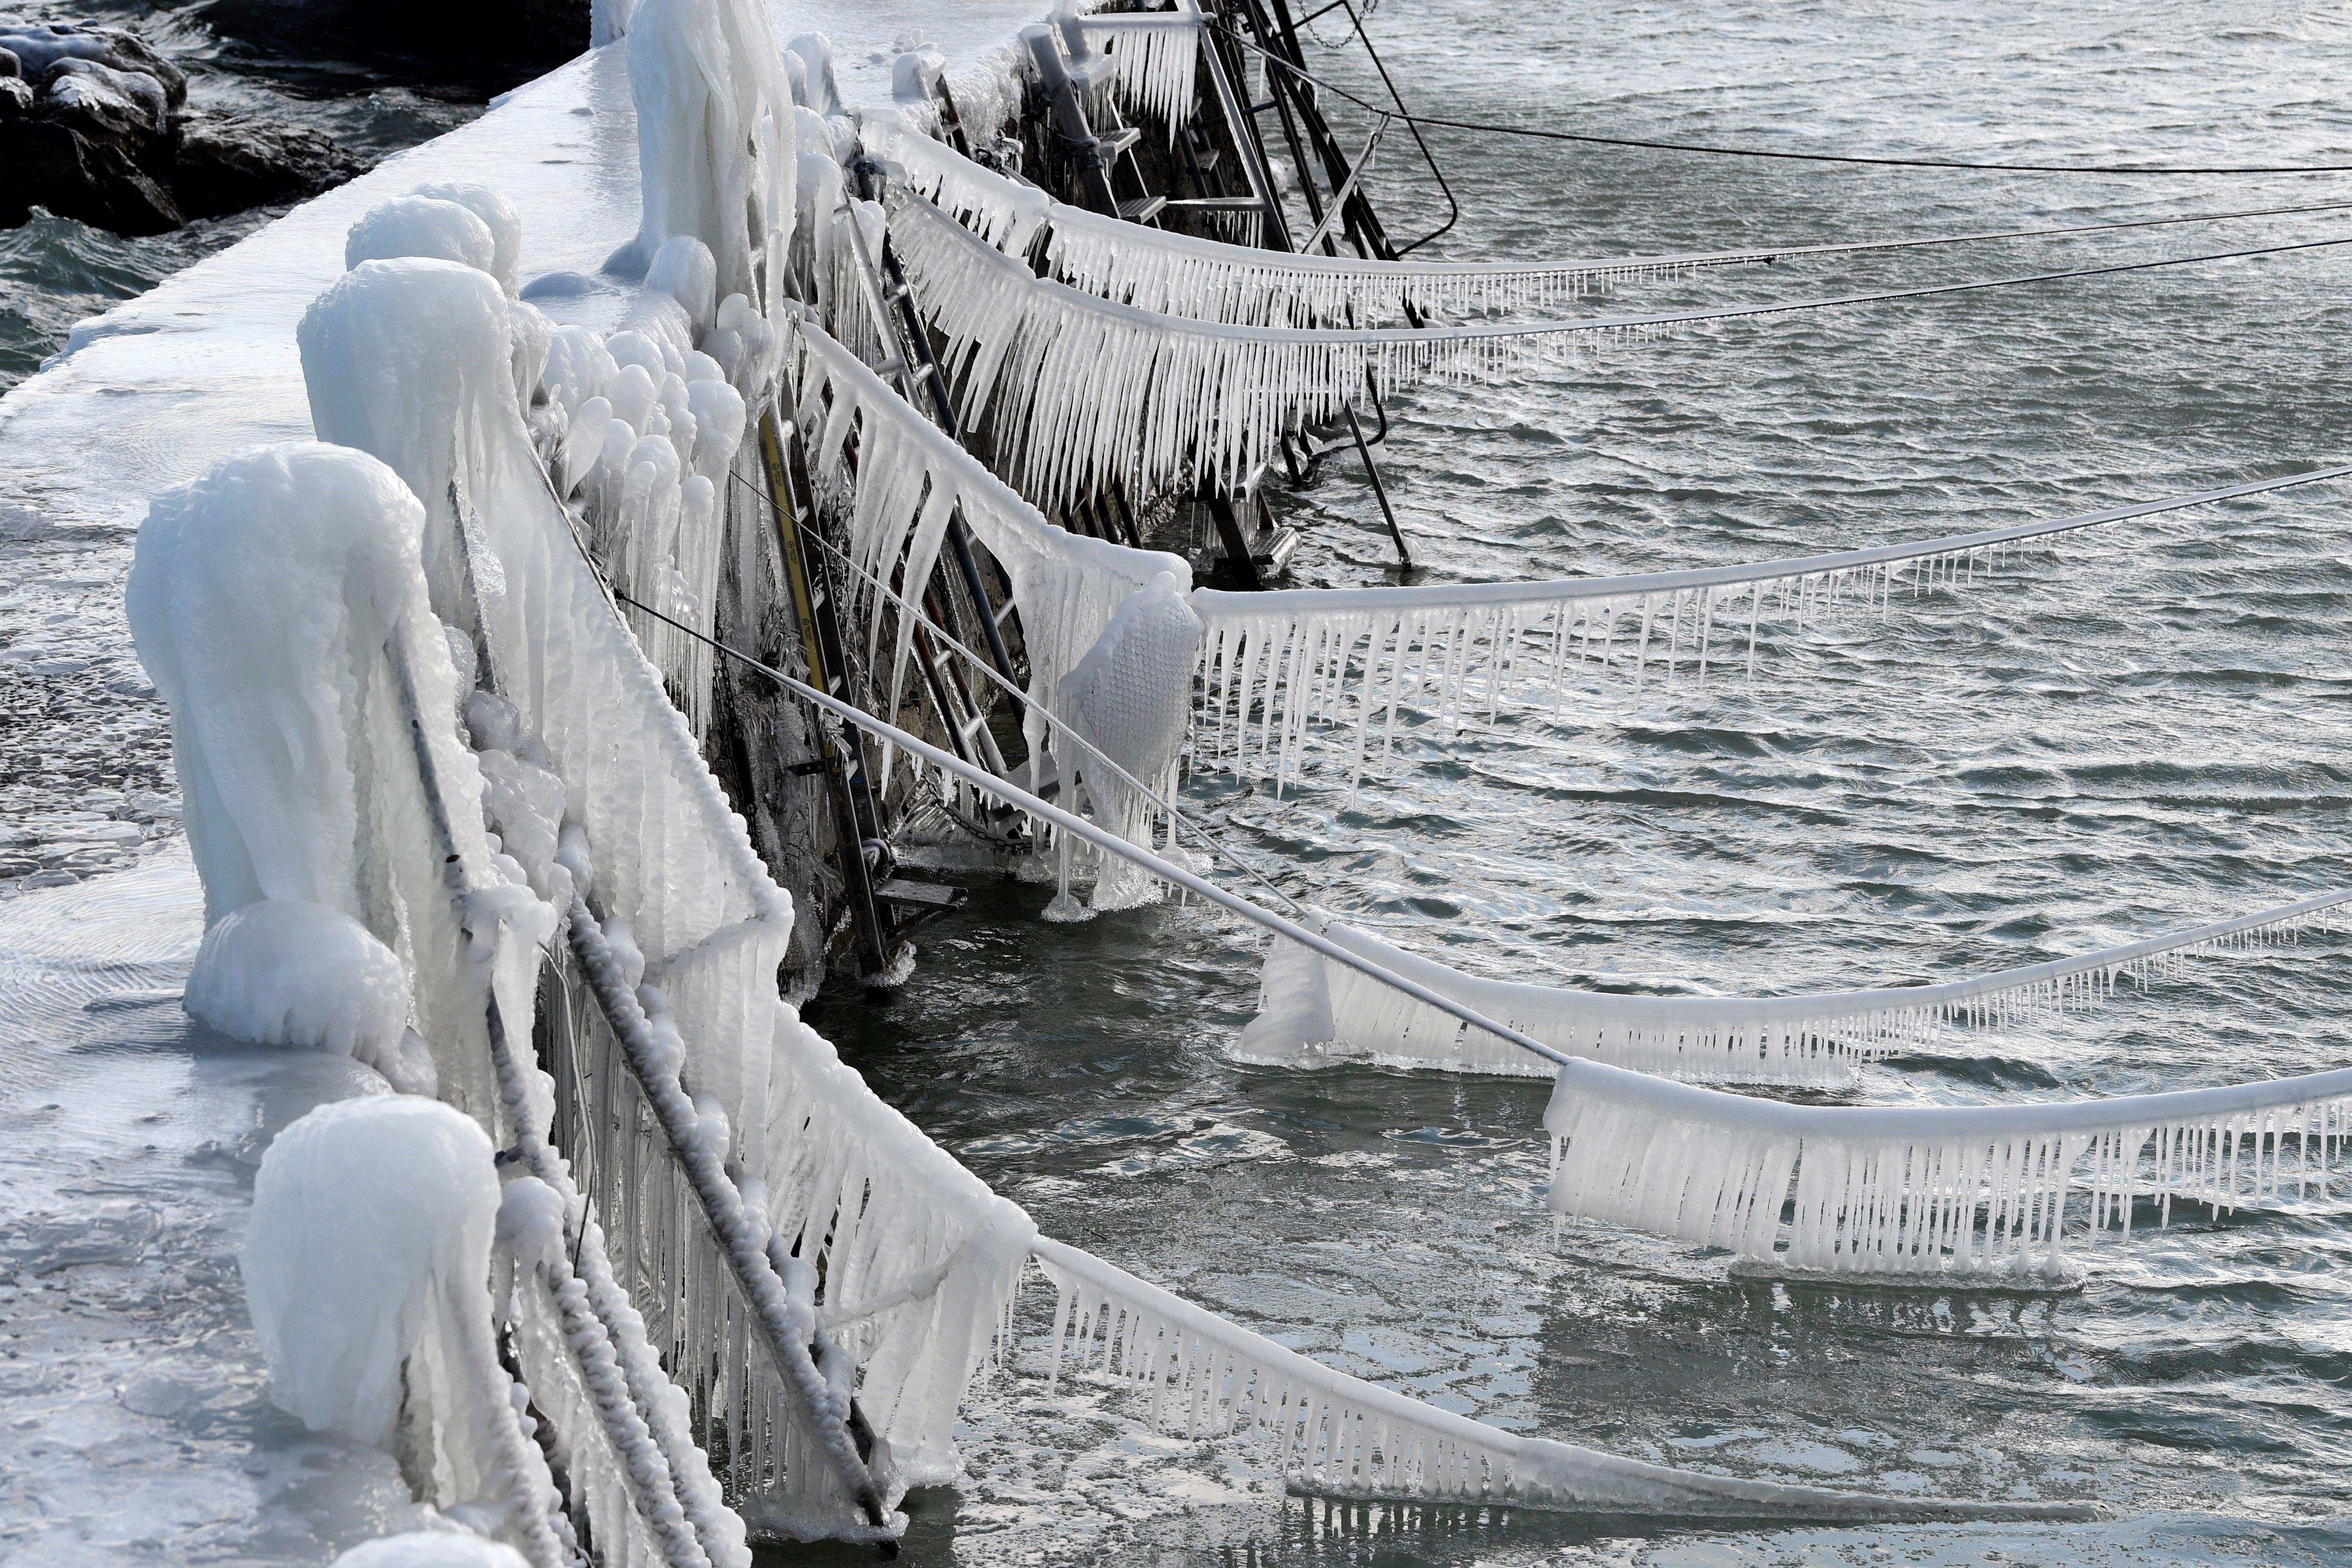 Trossos de gel cobreixen els amarraments dels vaixells al llac de Constança, a Suïssa. /WALTER BIERI